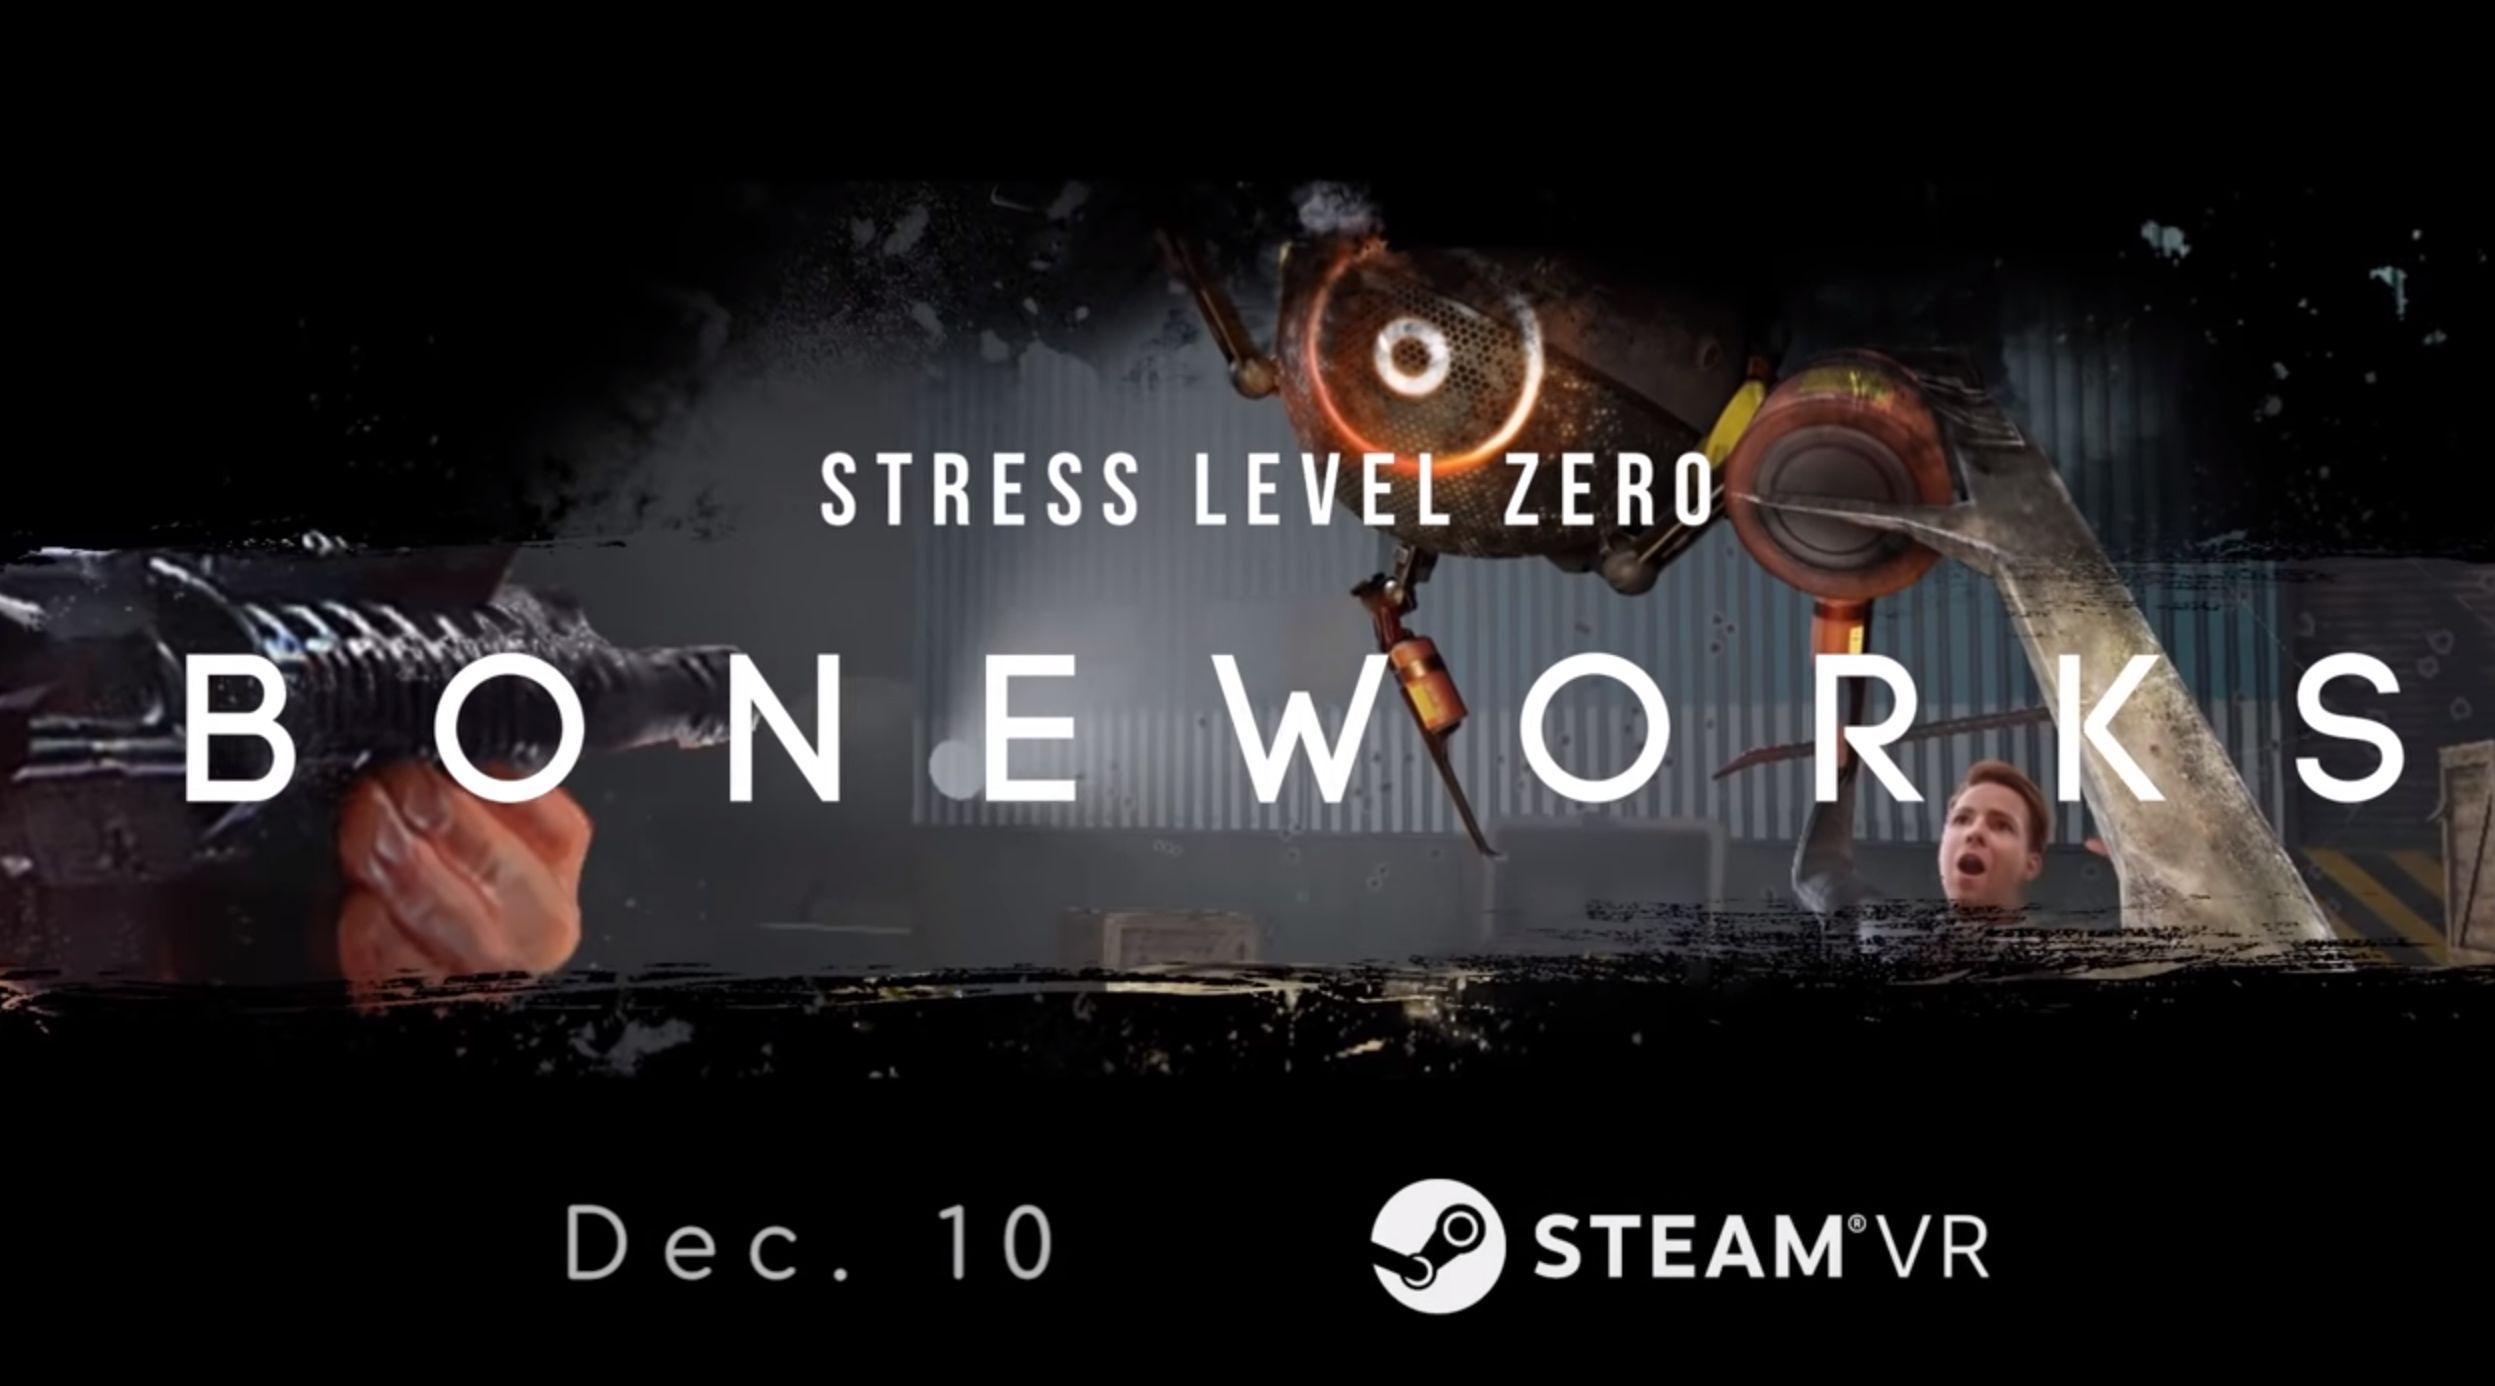 Physik und Waffen: Boneworks erscheint am 10. Dezember für SteamVR